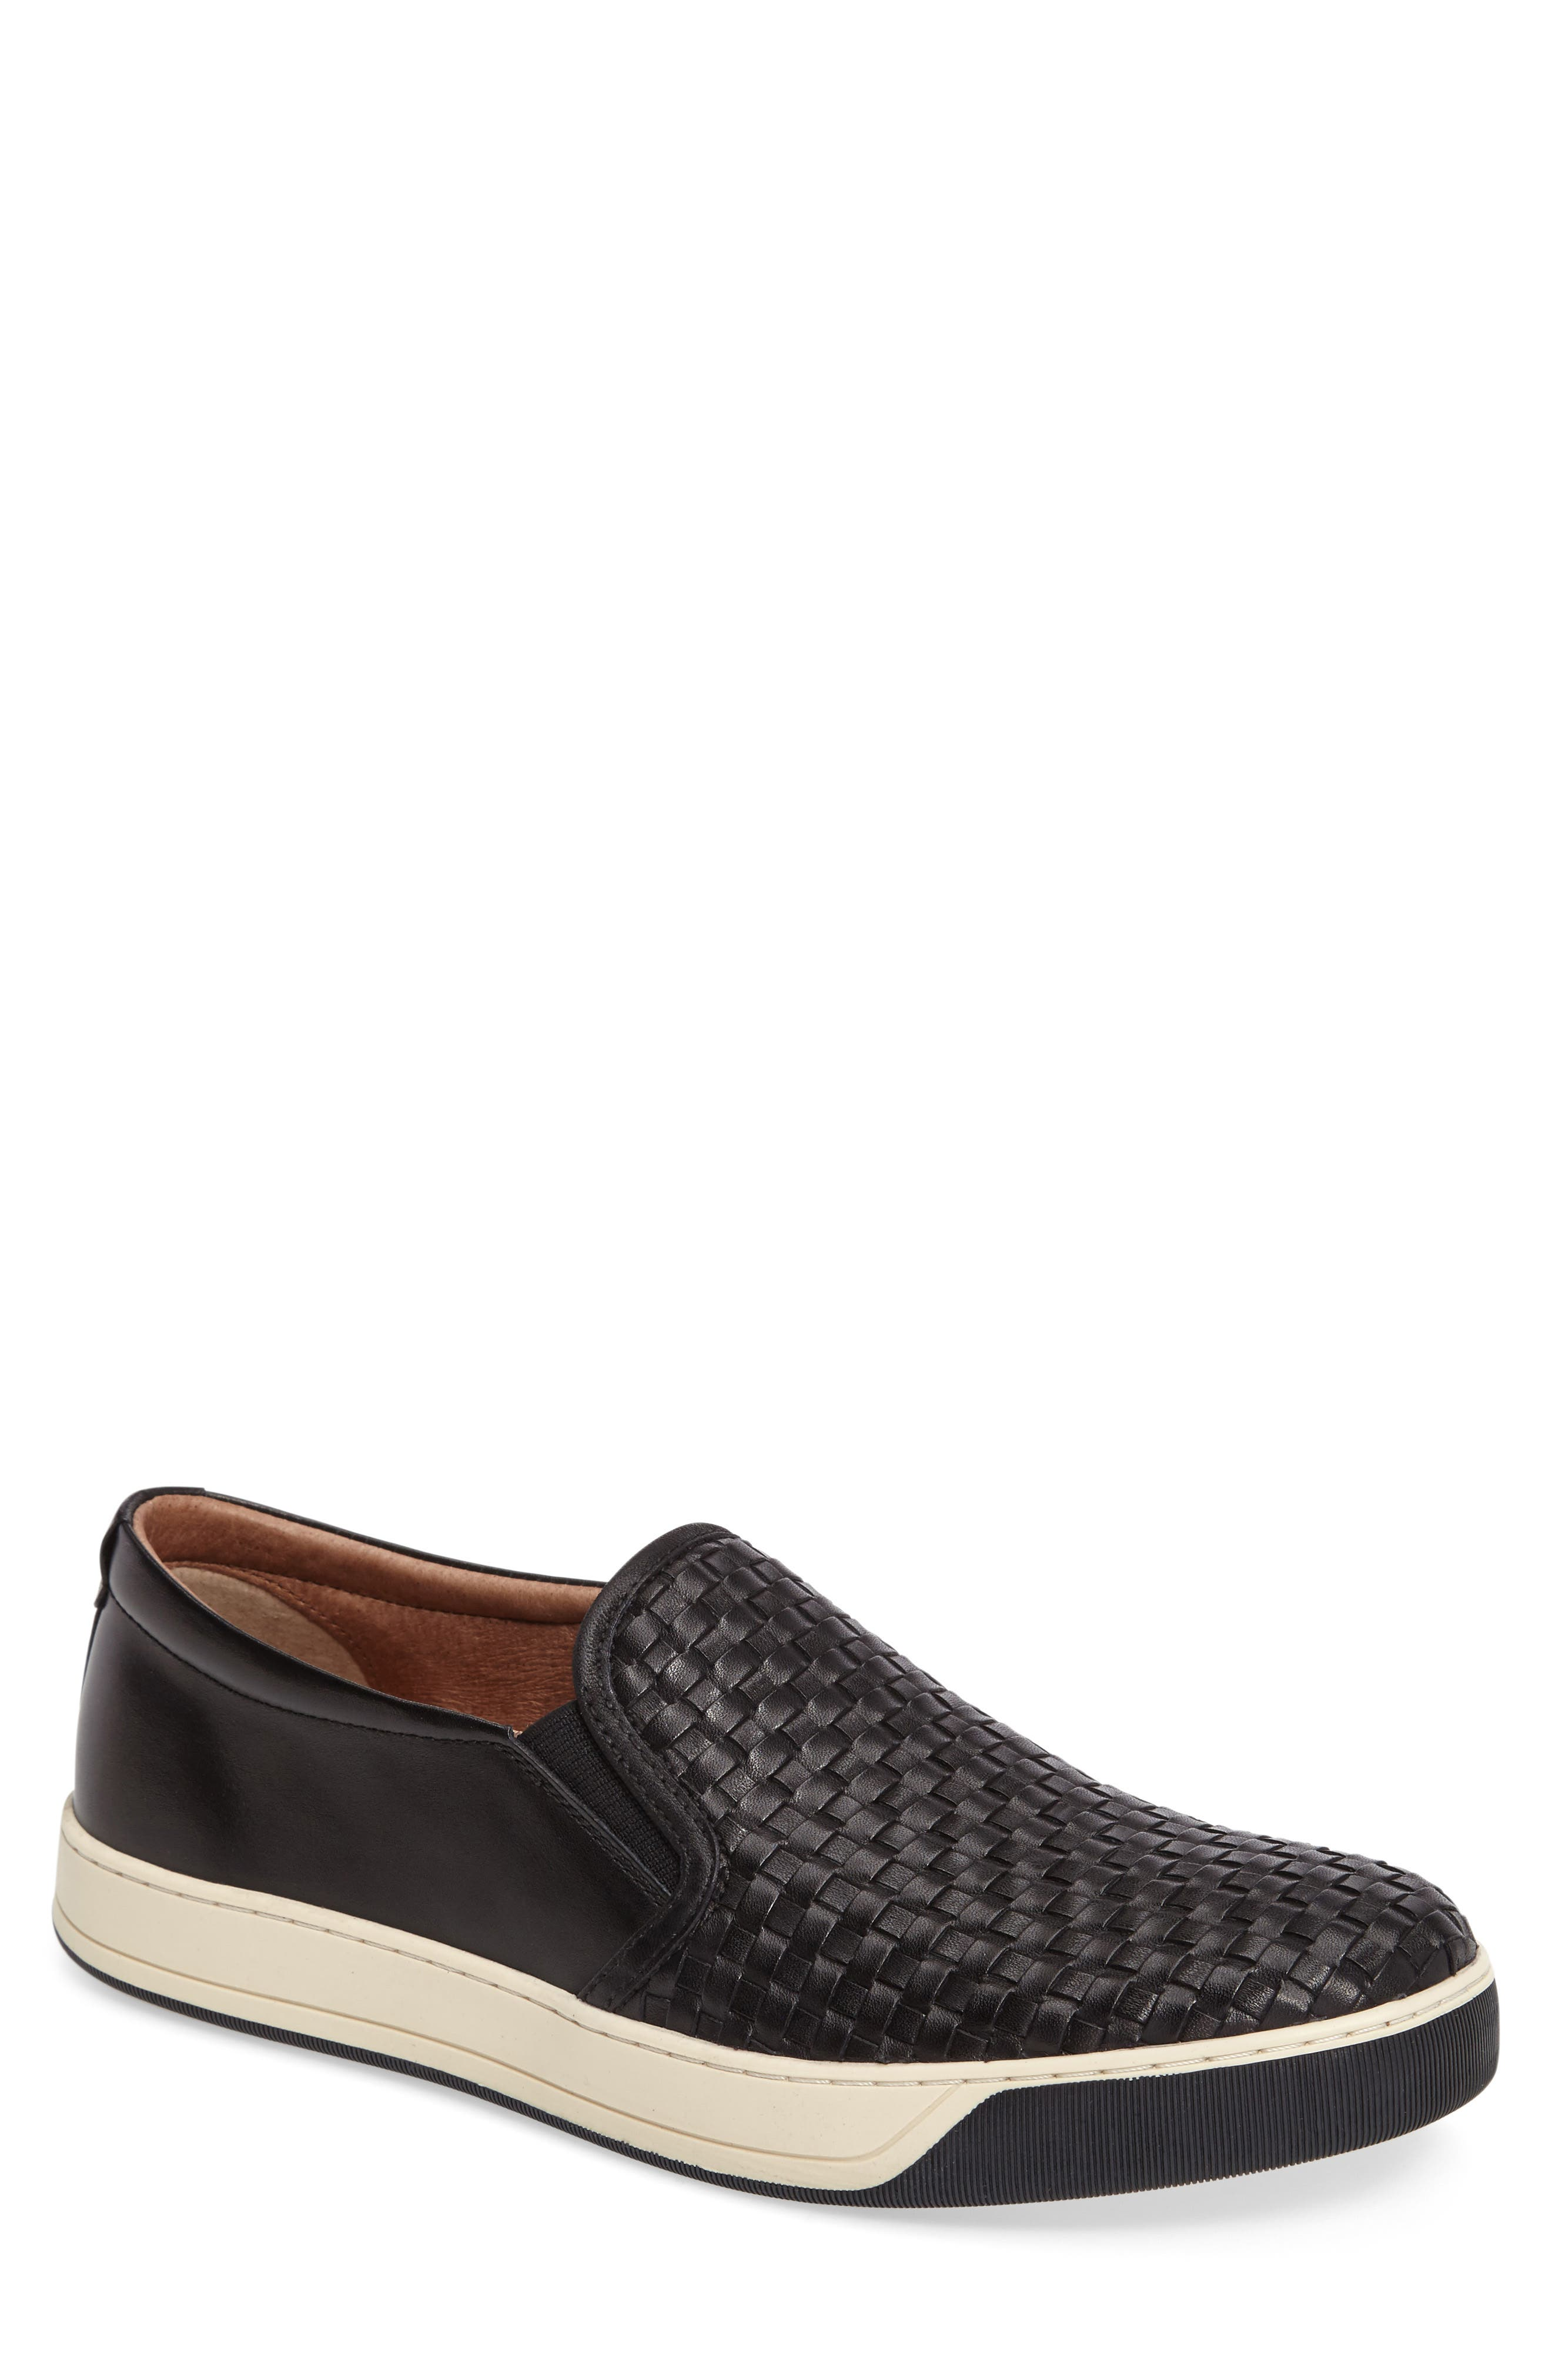 Allister Slip-On Sneaker,                             Main thumbnail 1, color,                             BLACK LEATHER